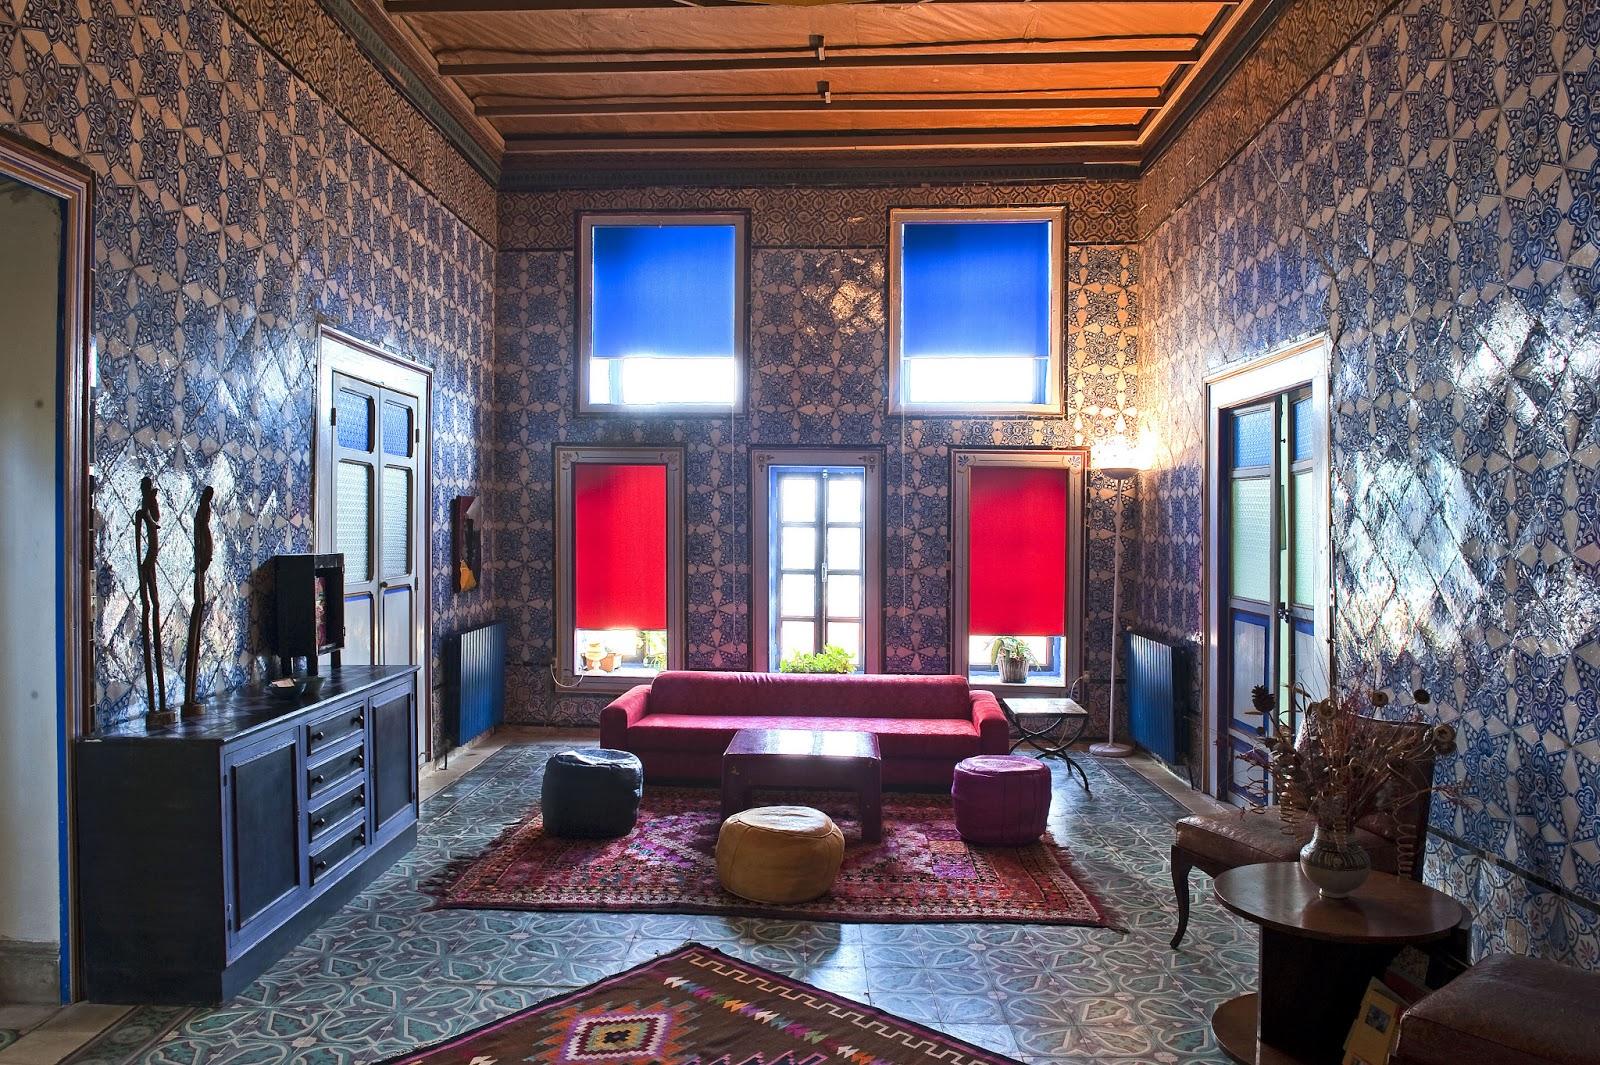 Chambres D 39 H Tes La Chambre Bleue Tunis Tunisie Voyage